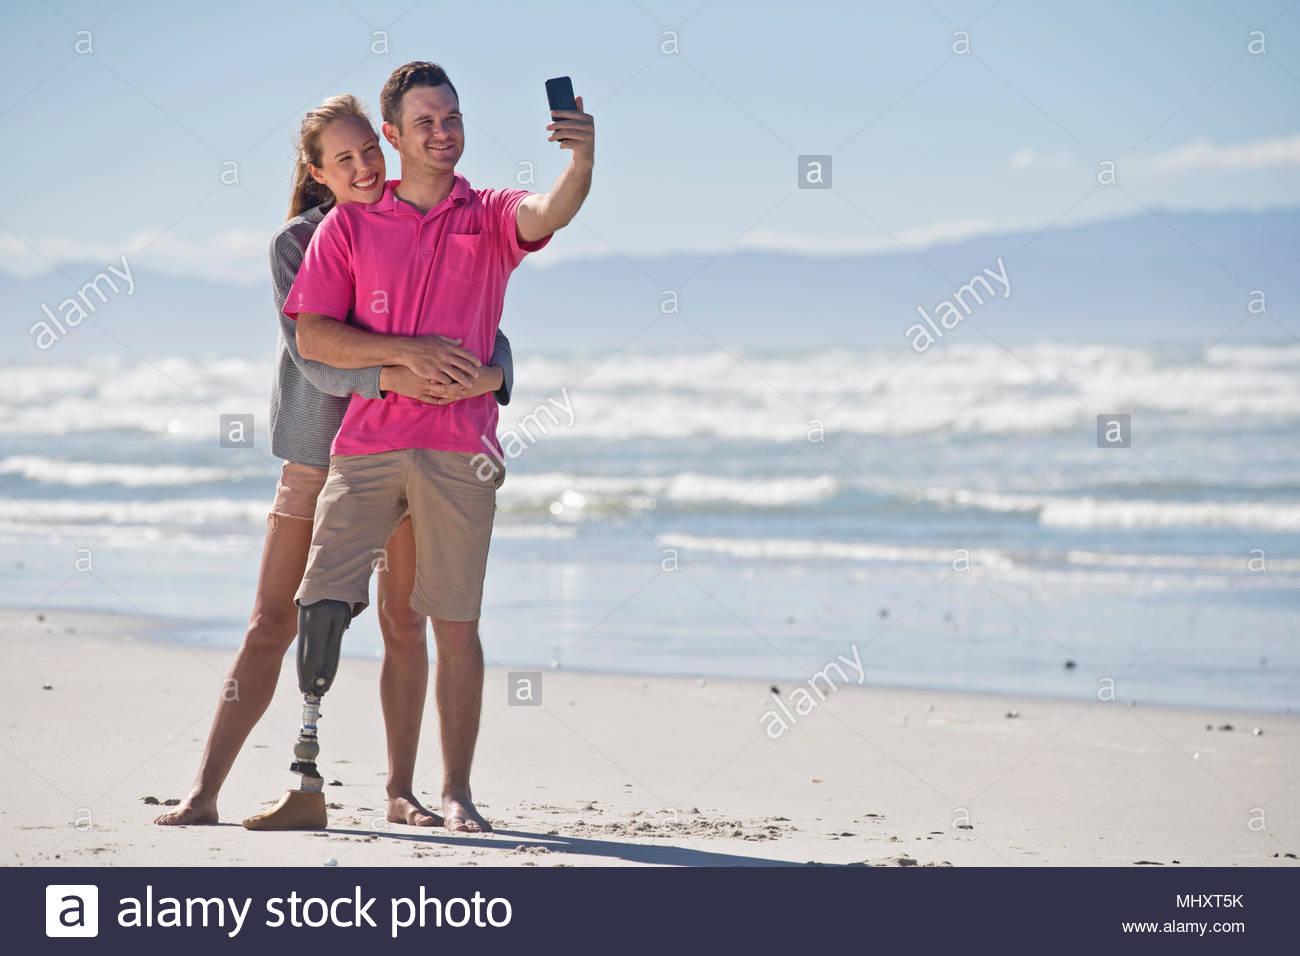 L'uomo con la gamba artificiale in posa per Selfie con partner di sesso femminile mentre in estate spiaggia vacanza in Sud Africa Immagini Stock